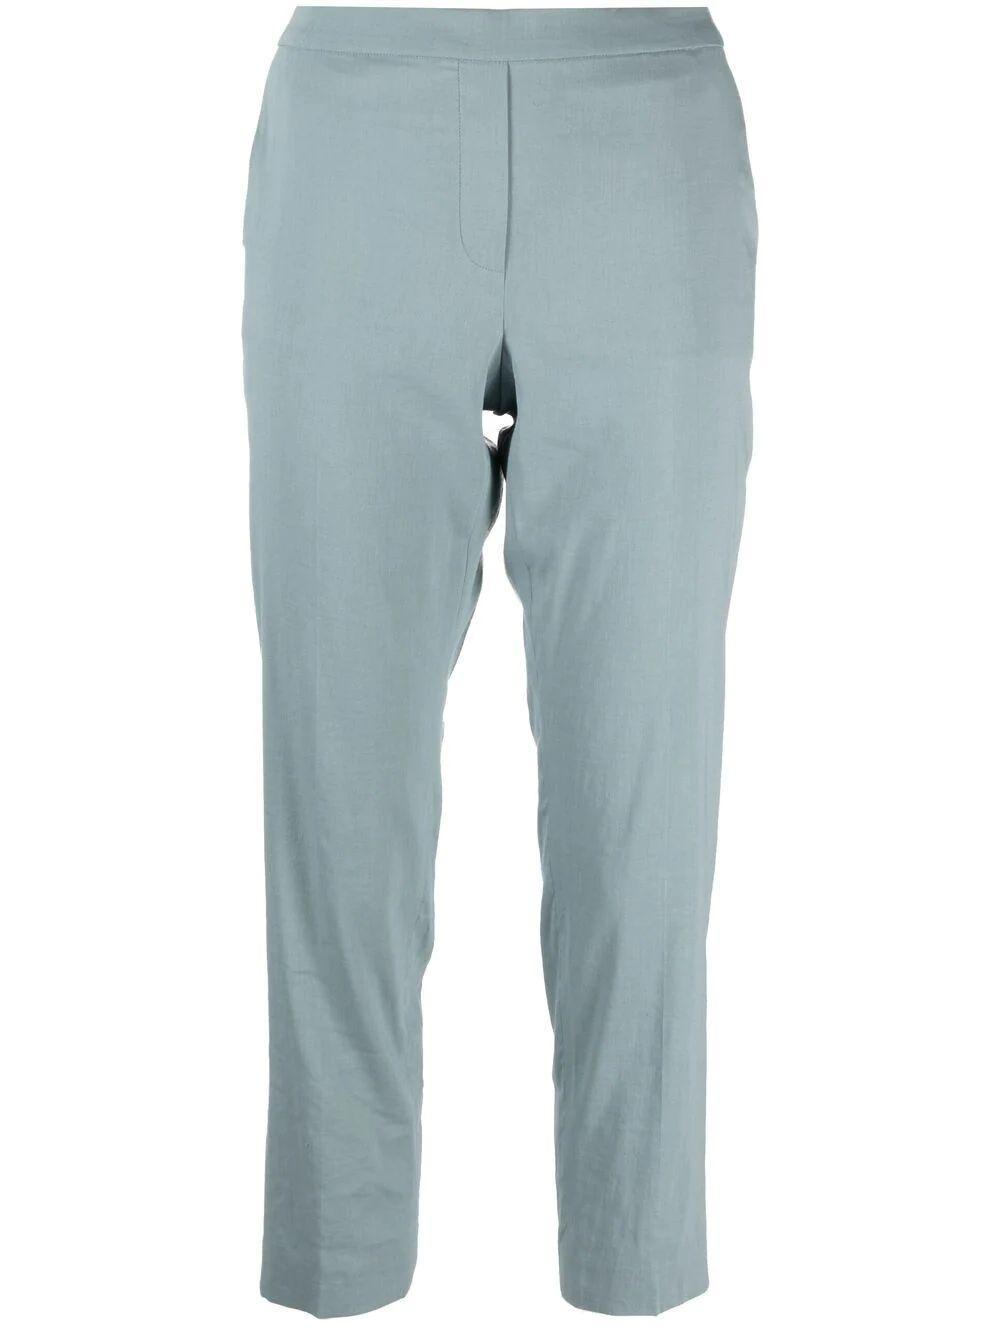 Treeca Pull On Pant Item # K0203201-S21